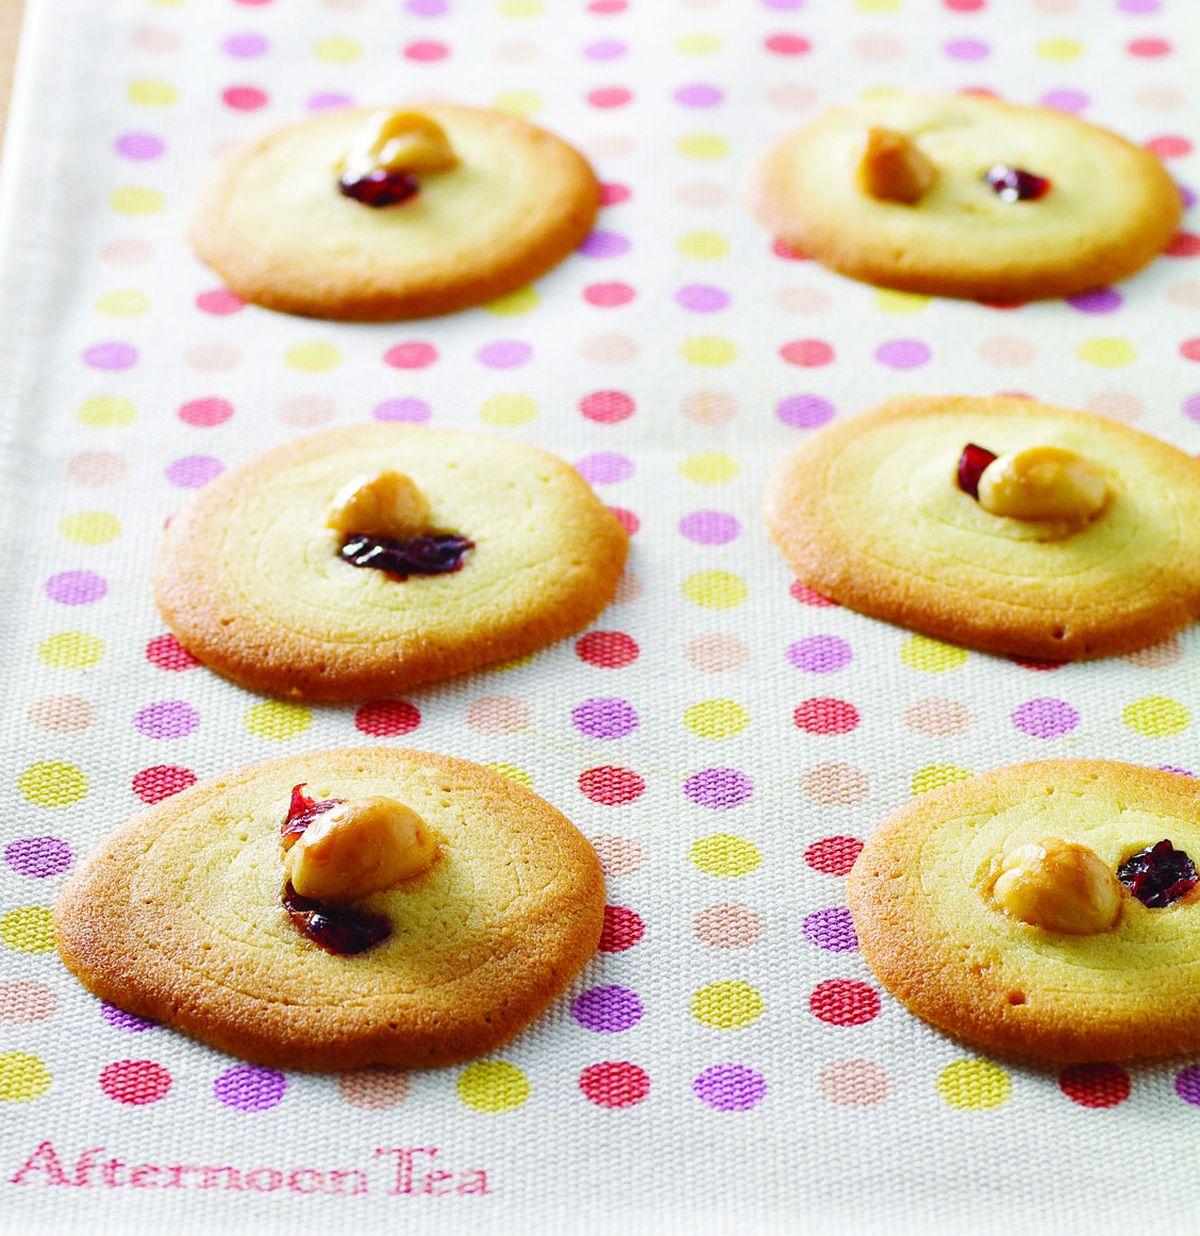 食譜:夏威夷豆蔓越莓餅乾